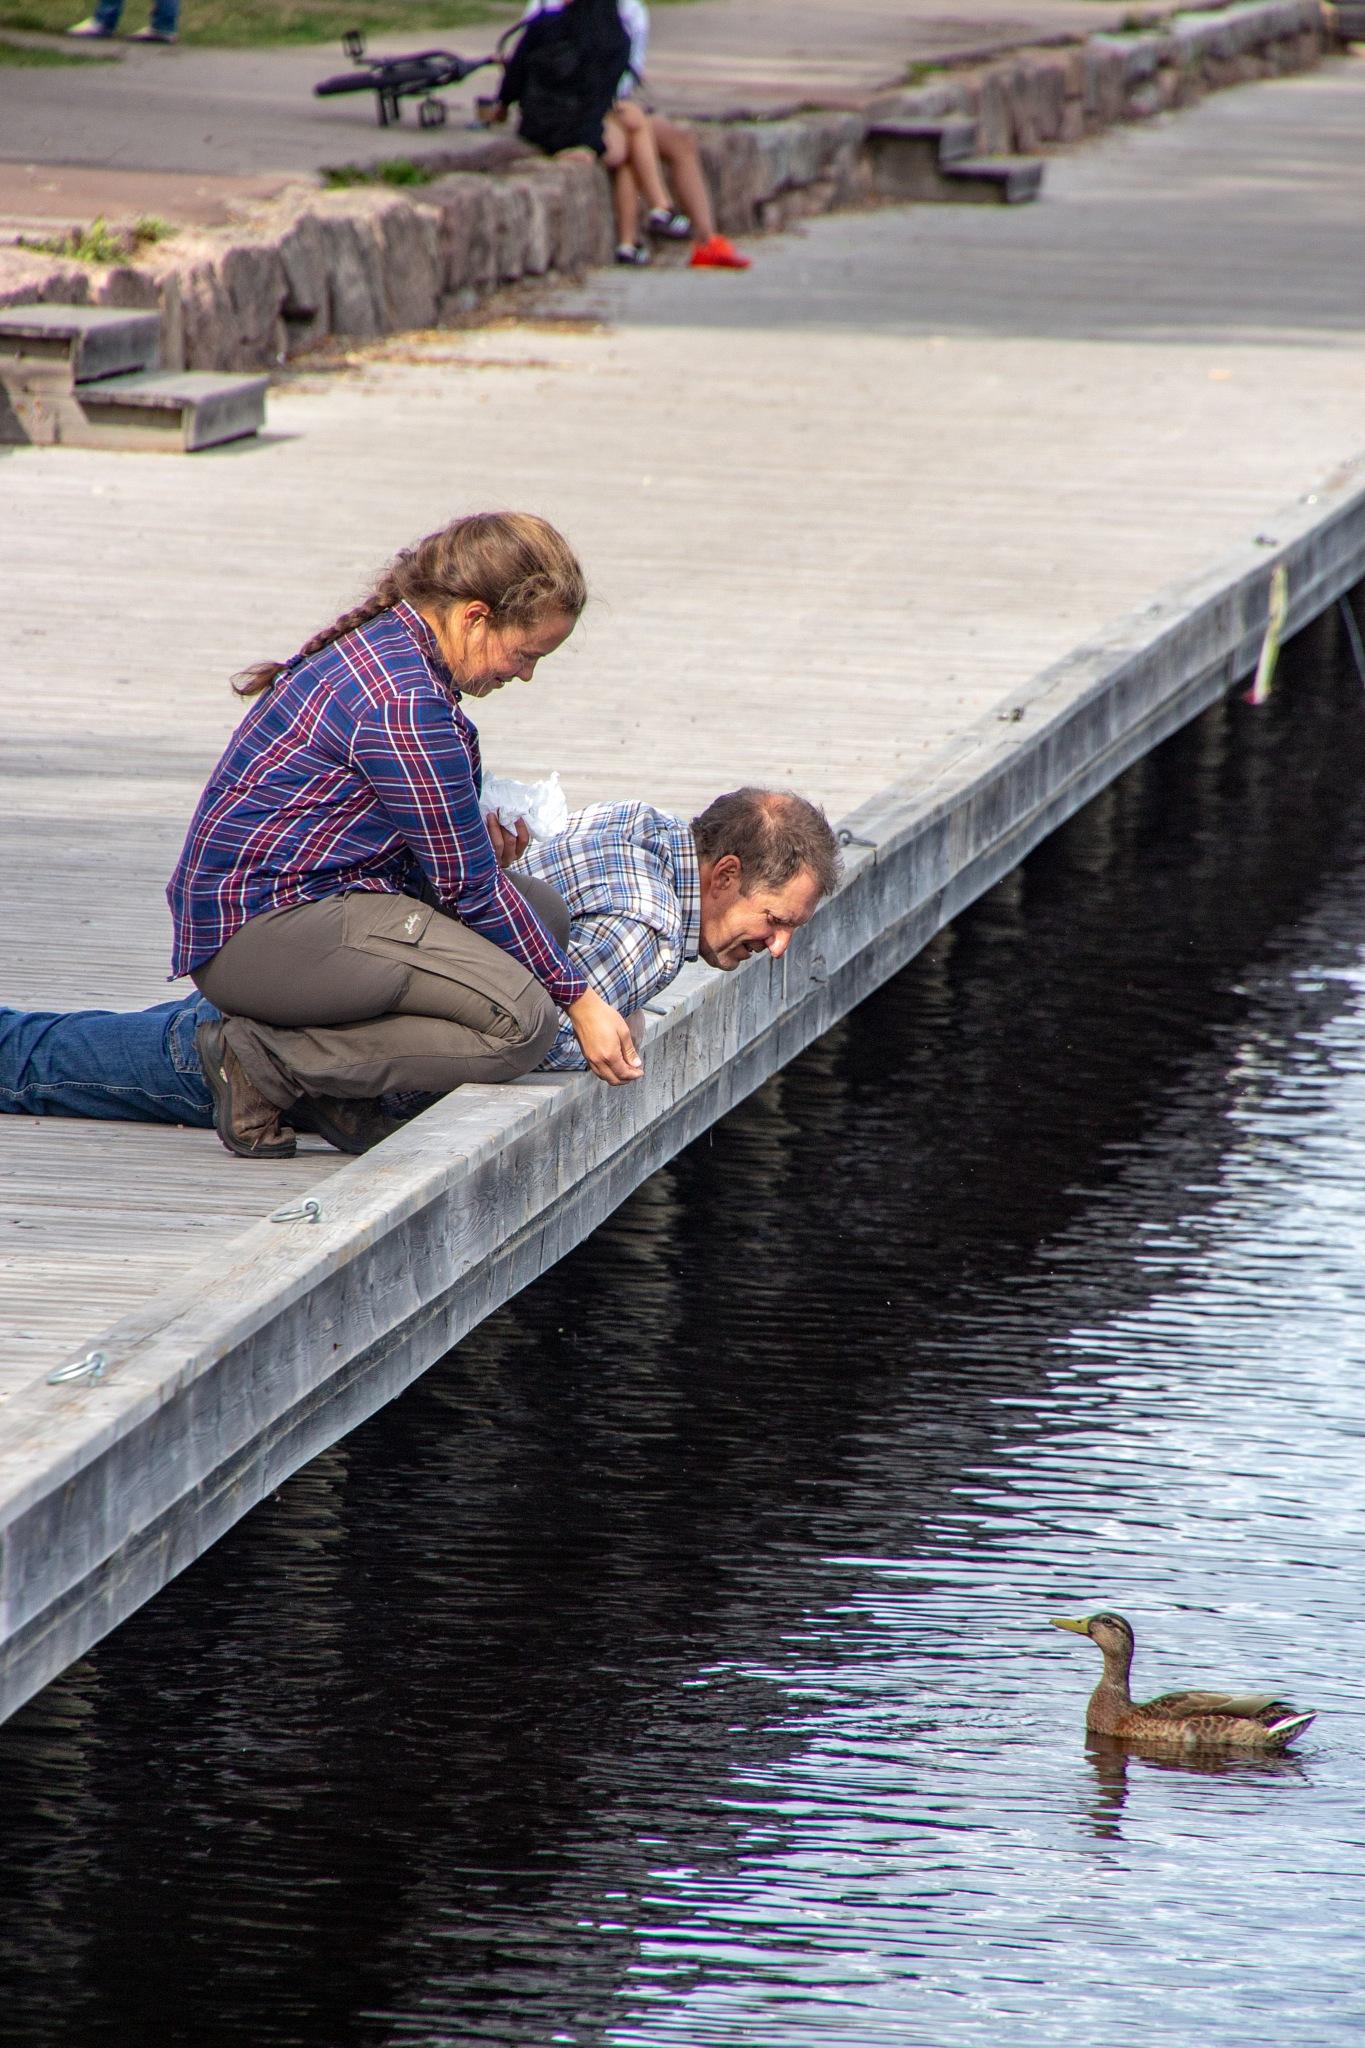 Feeding a duck by Carl Hult